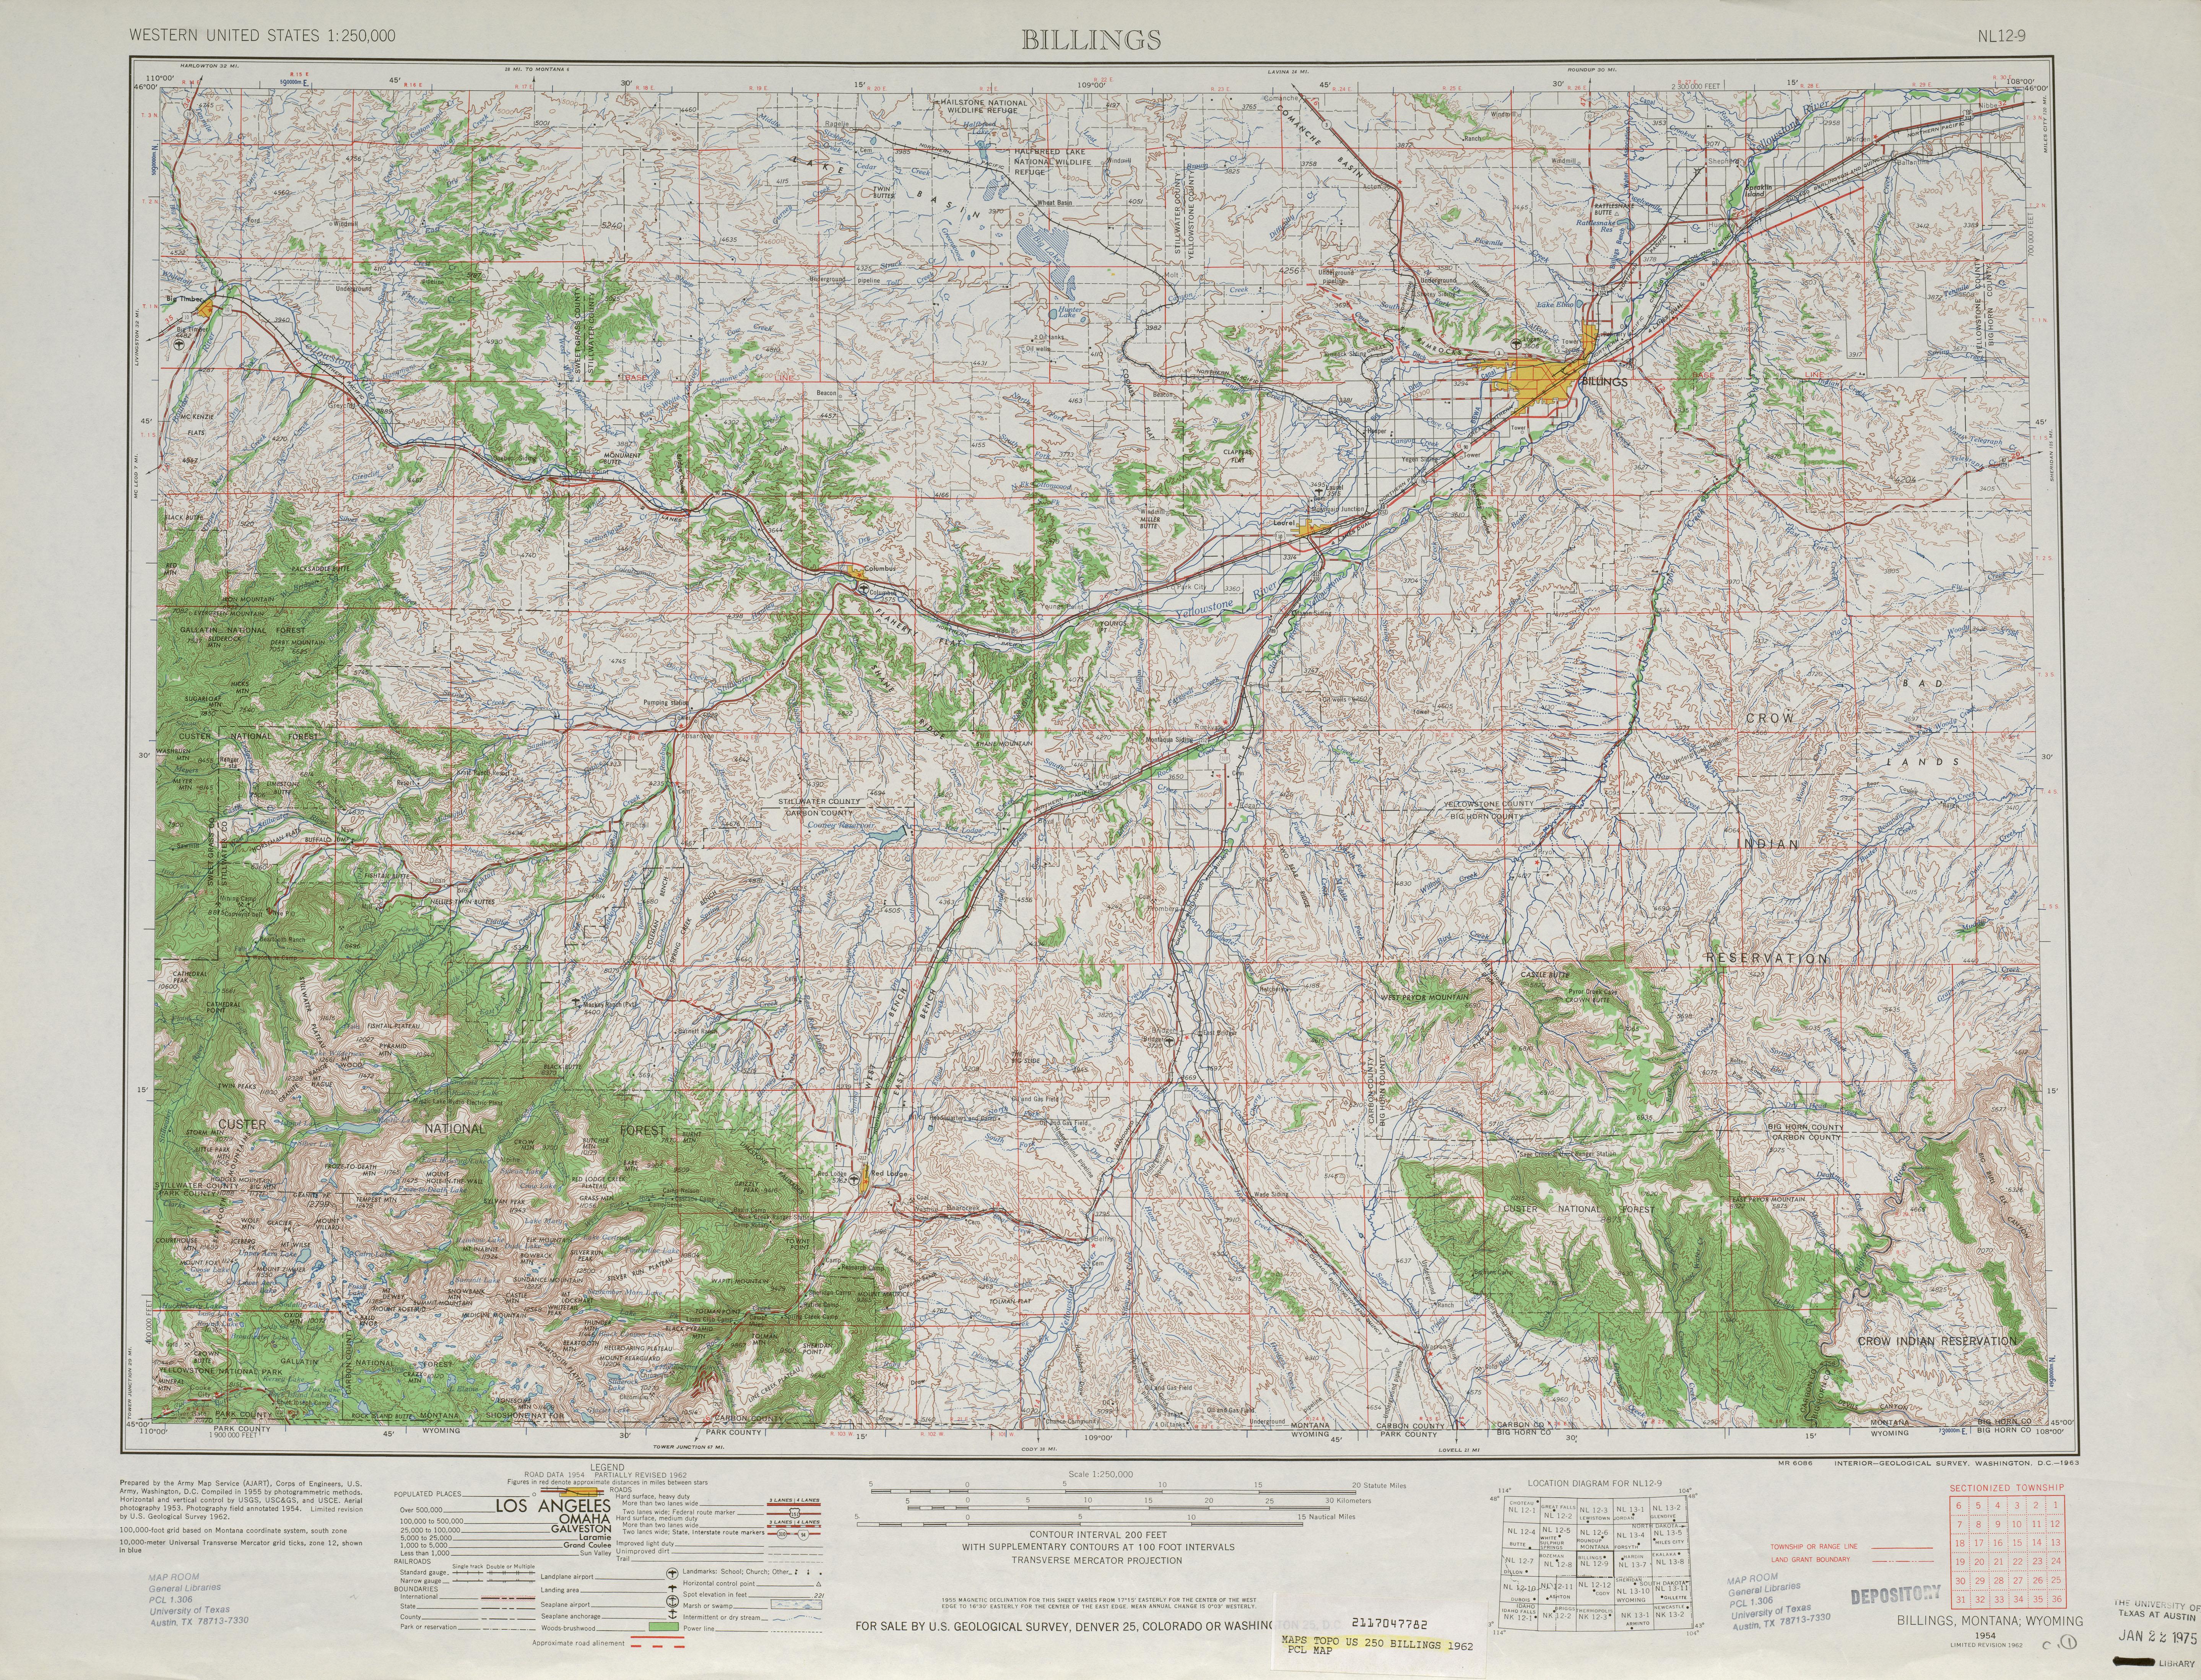 Hoja Billings del Mapa Topográfico de los Estados Unidos 1962